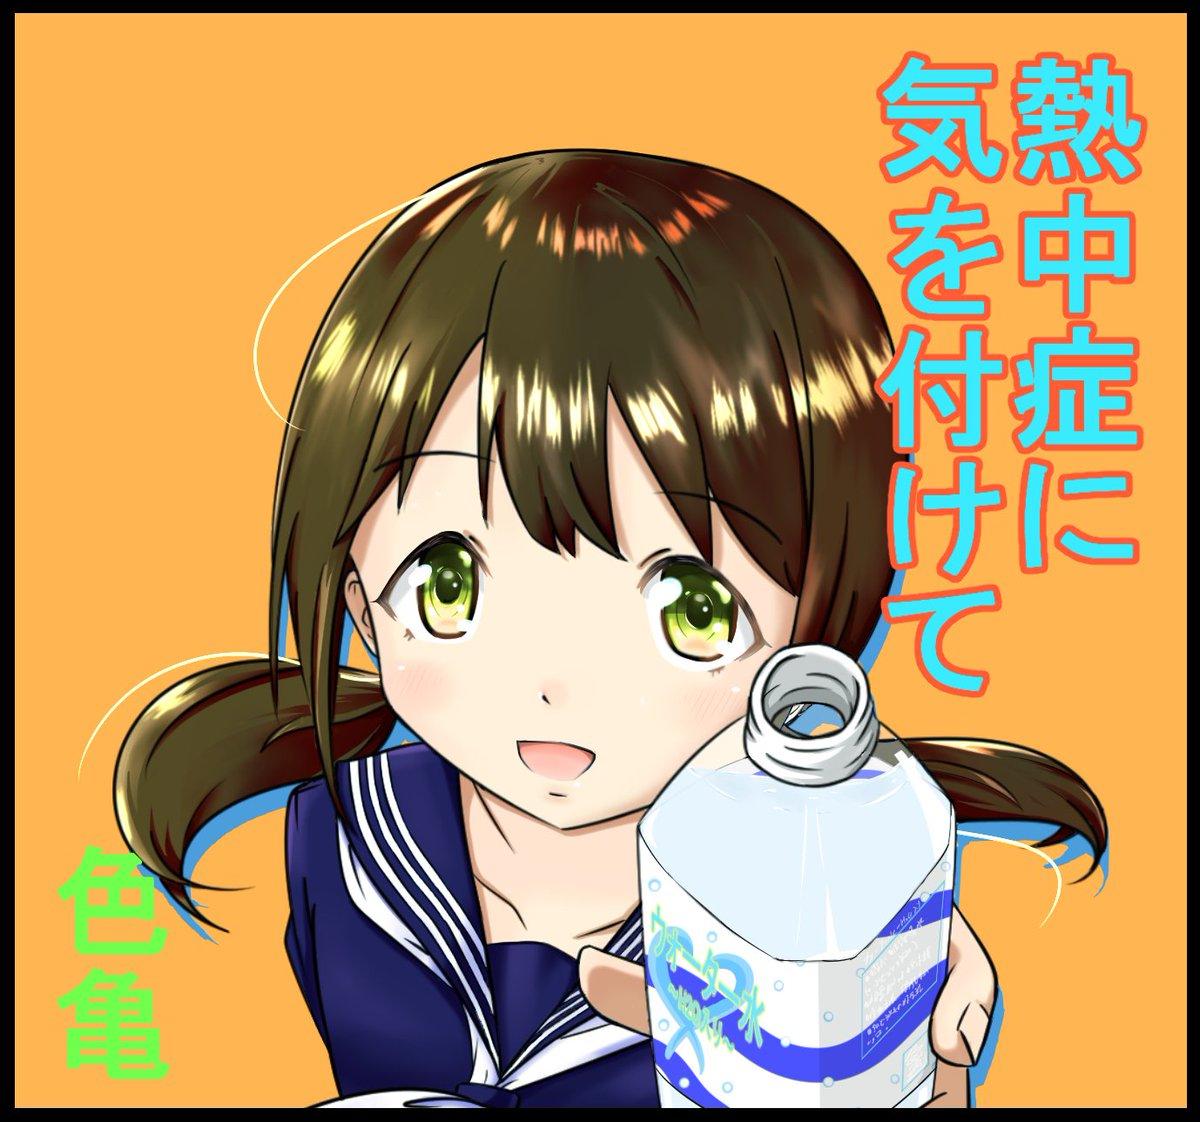 WUGちゃんのような幼馴染がほしいな~。 #wug_jp